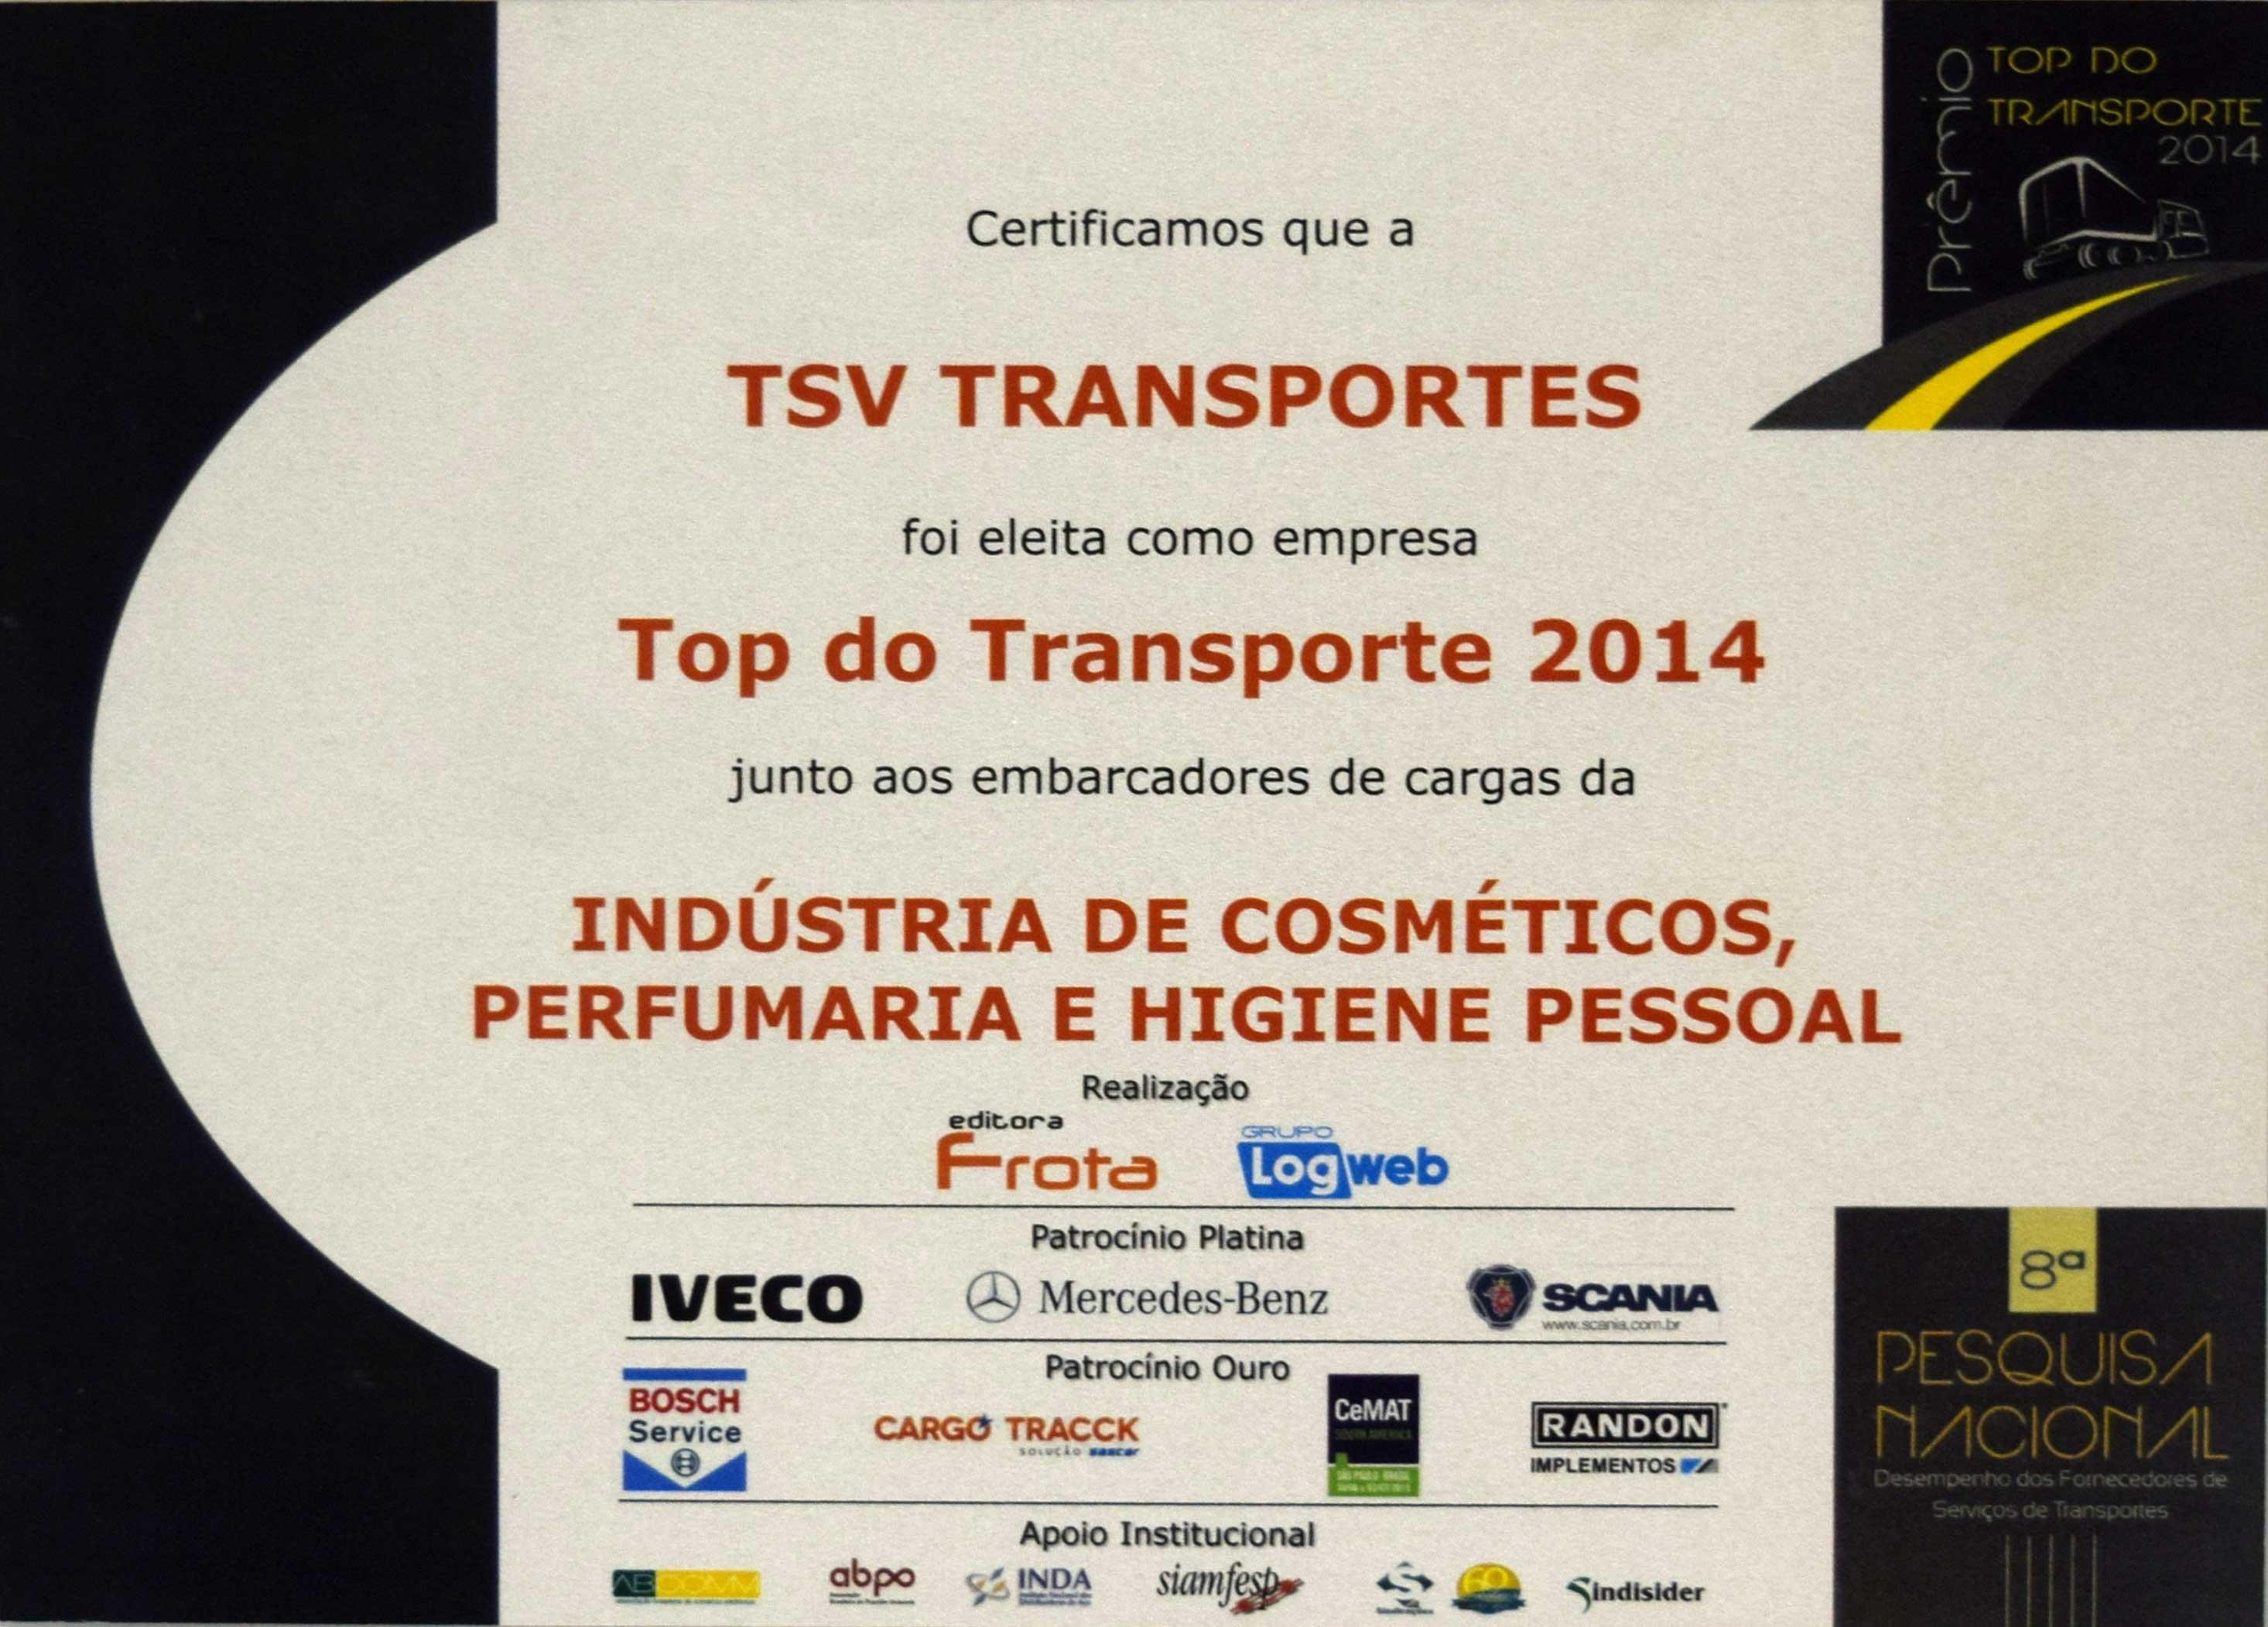 http://www.tsvtransportes.com.br/wp-content/uploads/2018/09/DSC_0178.jpg